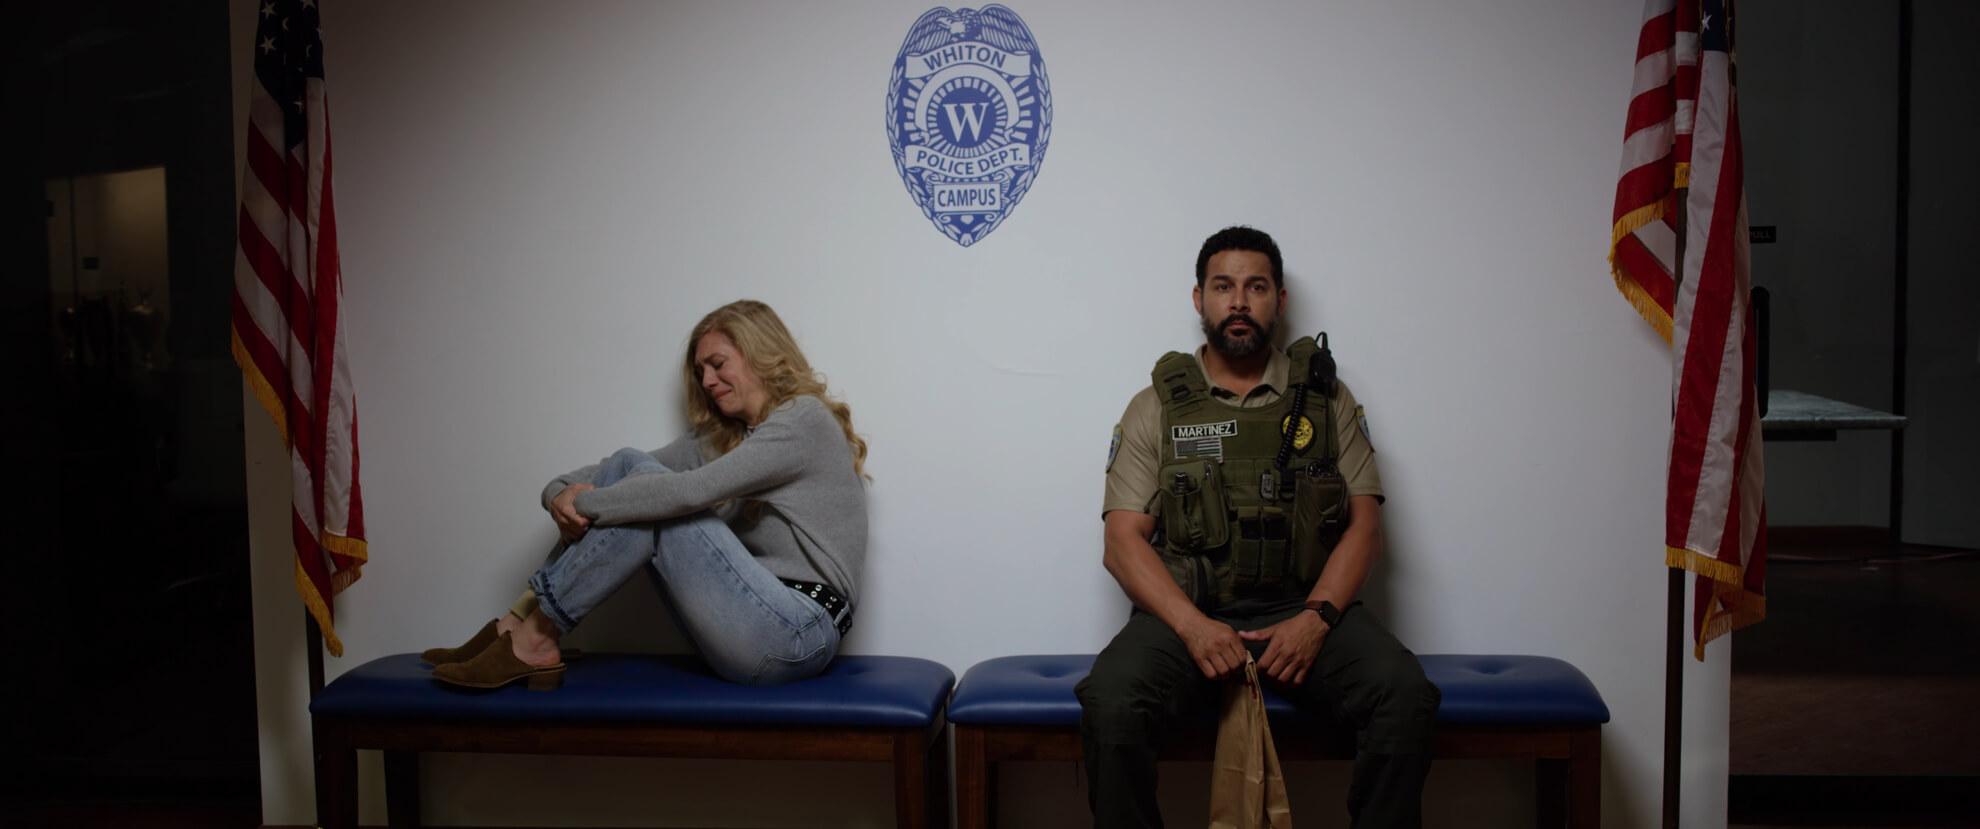 Film Still from Initiation (2020)